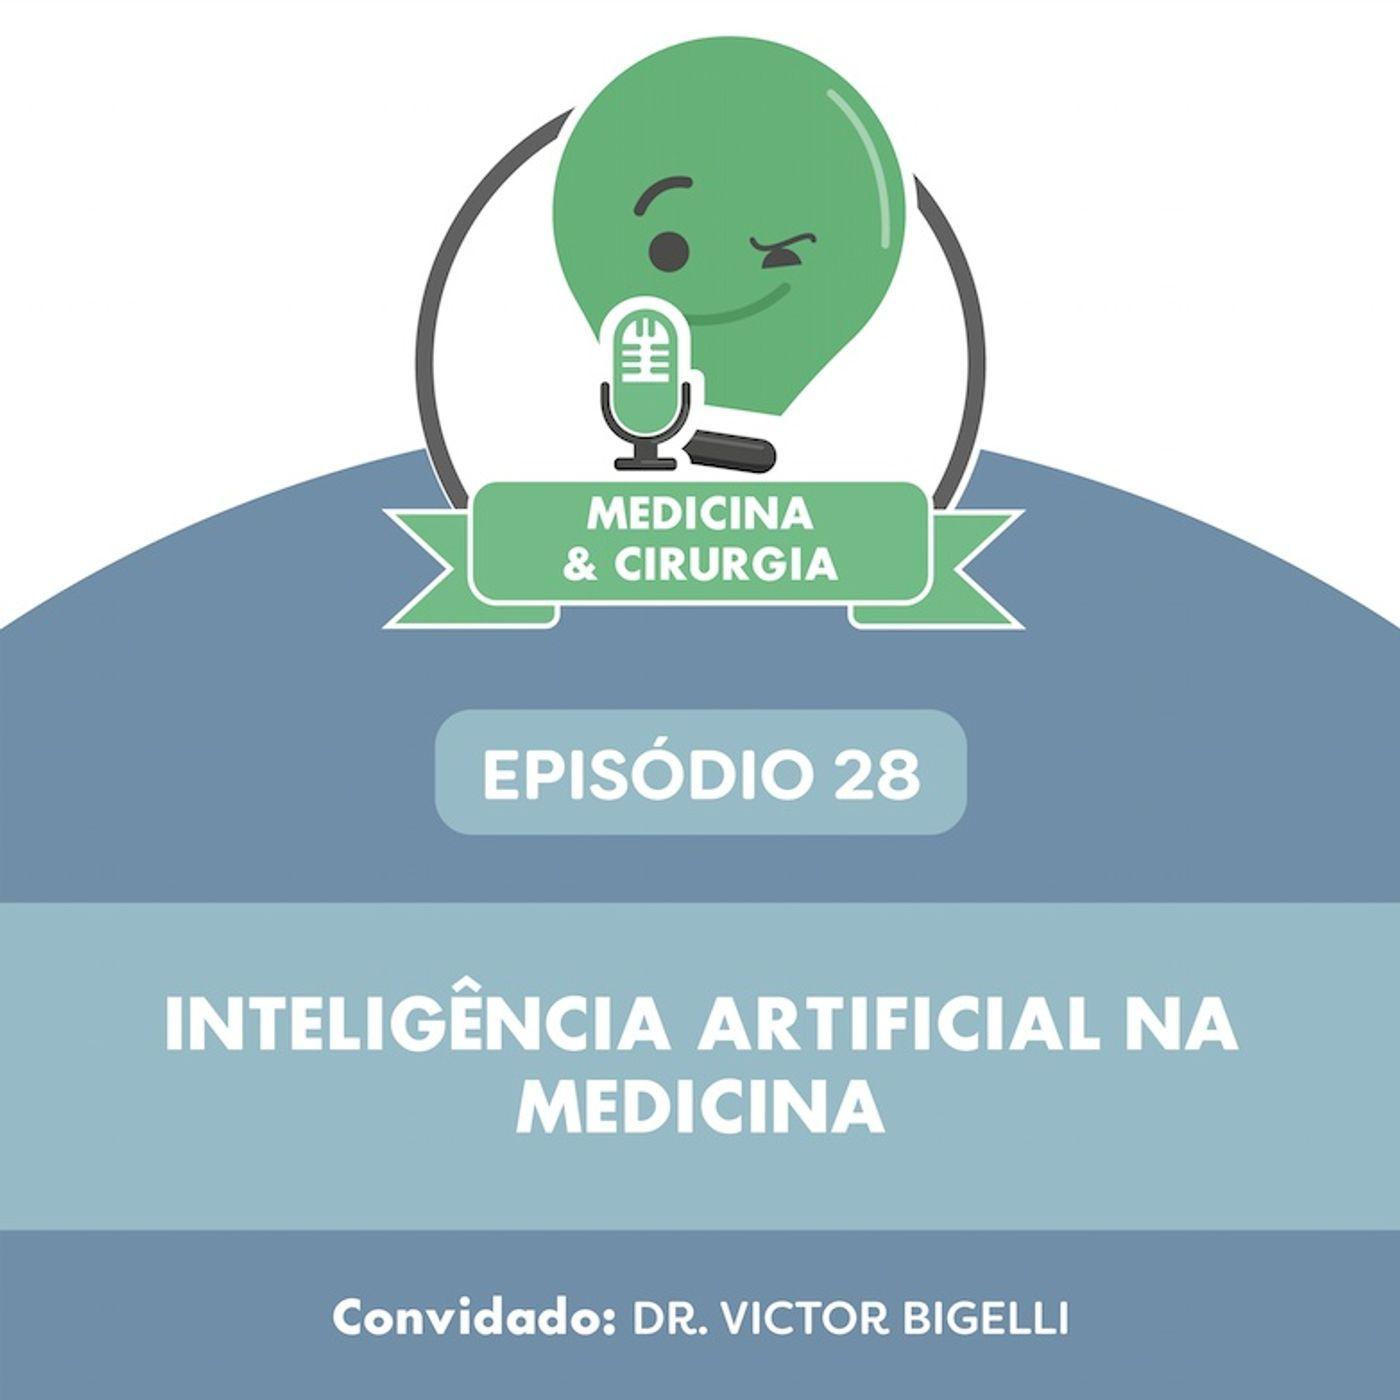 28 - Inteligência artificial na Medicina